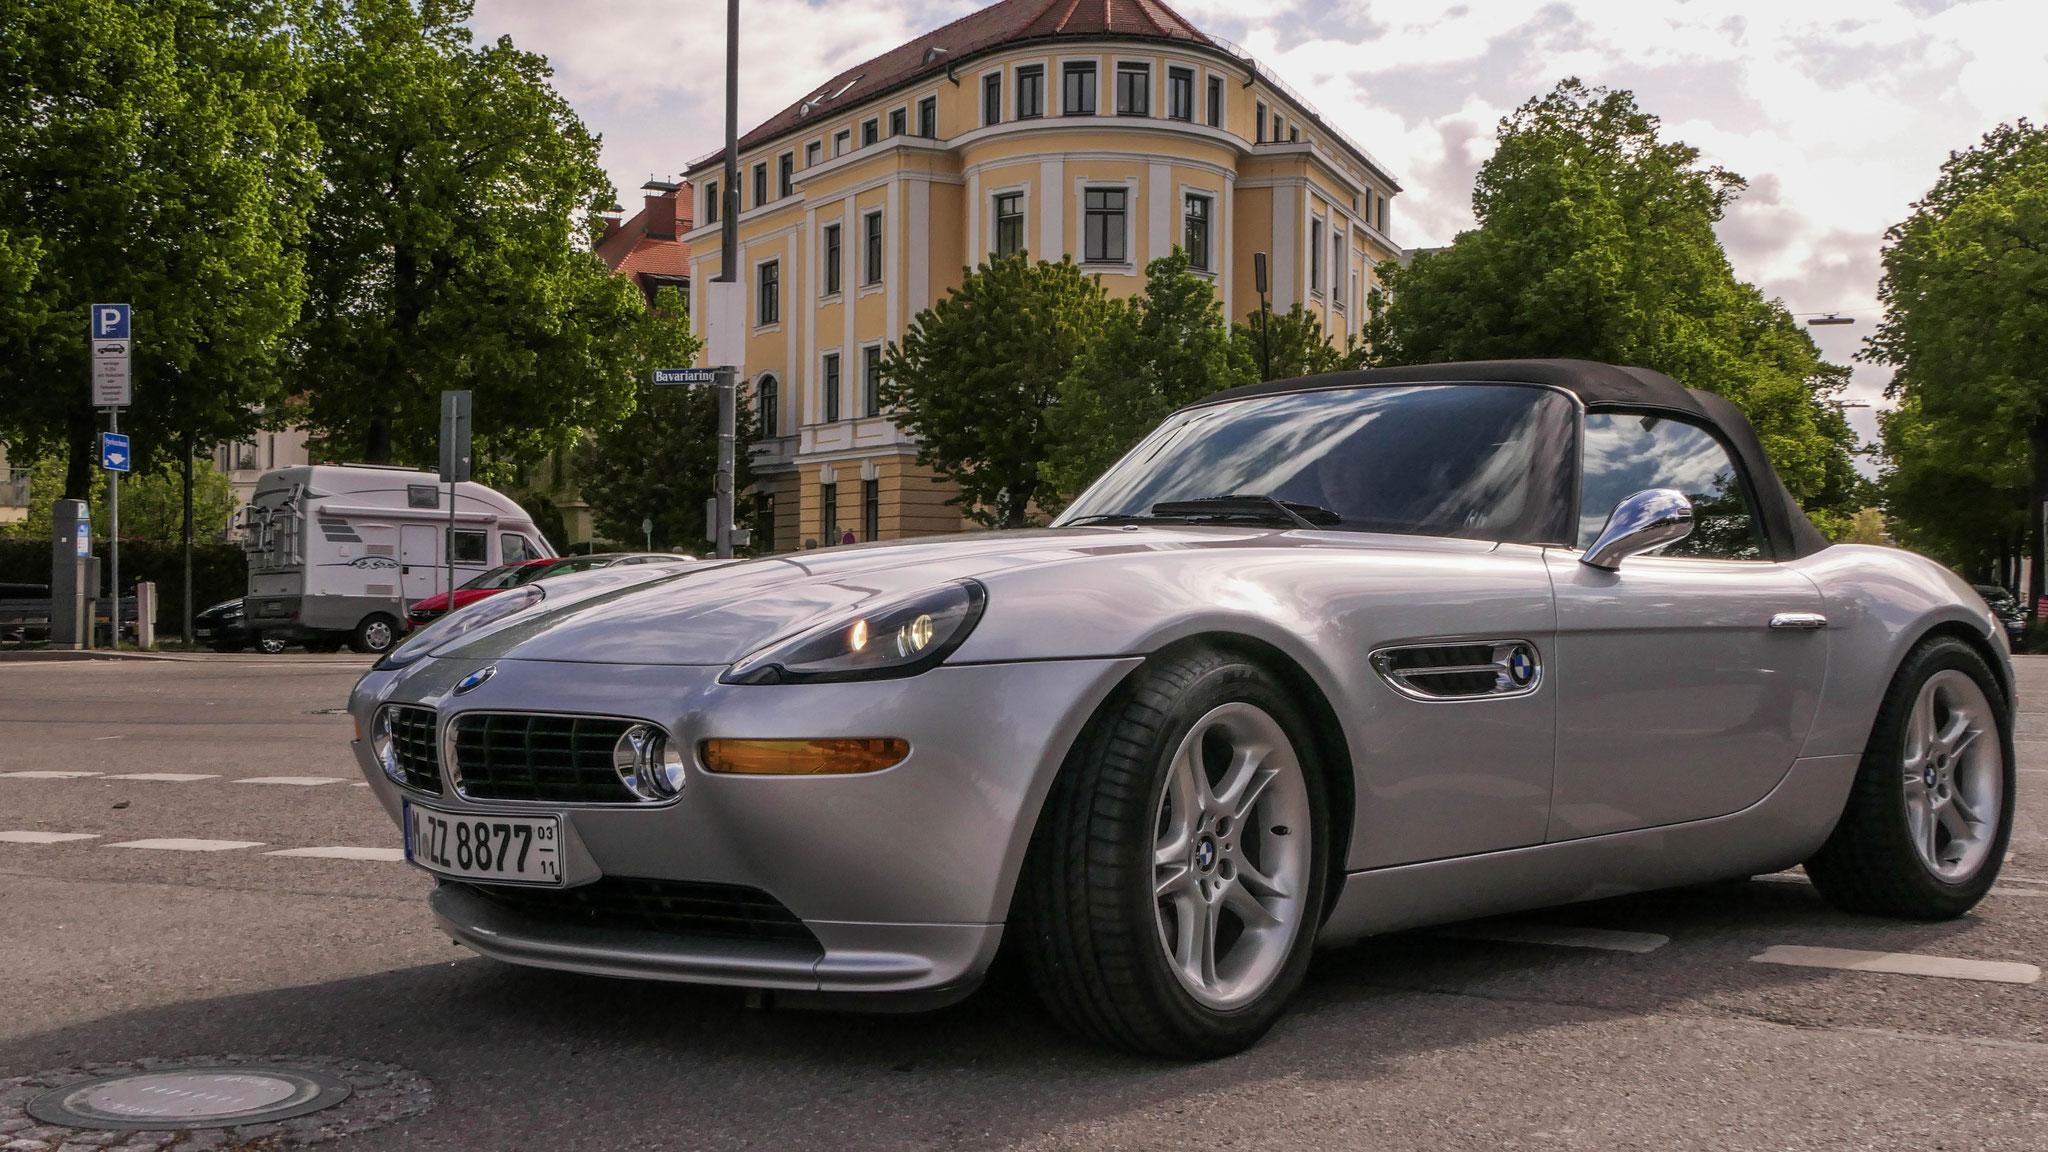 BMW Z8 - M-ZZ-8877